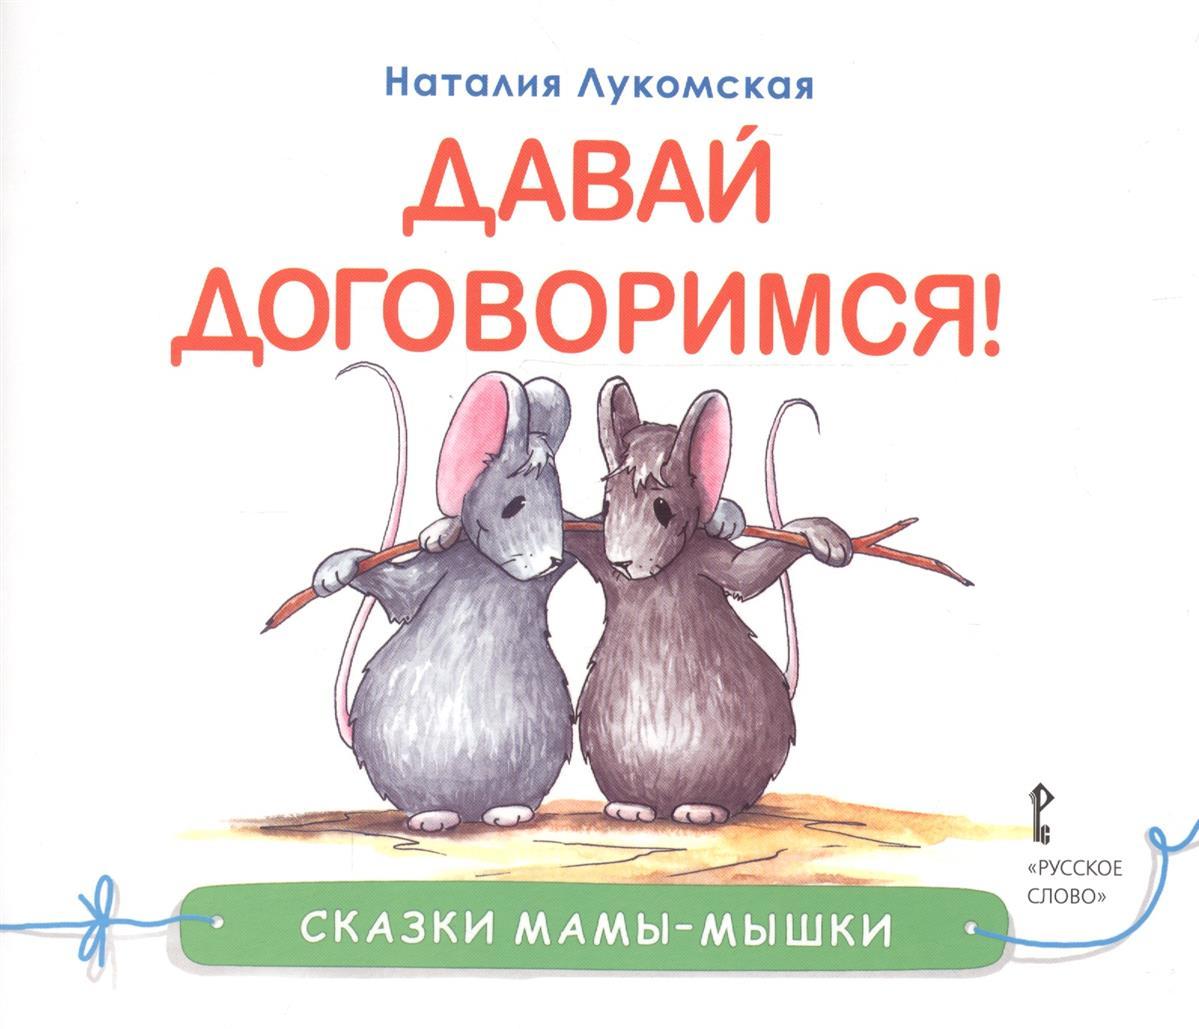 Лукомская Н. Давай договоримся! Сказка комоед н пластилиновая сказка